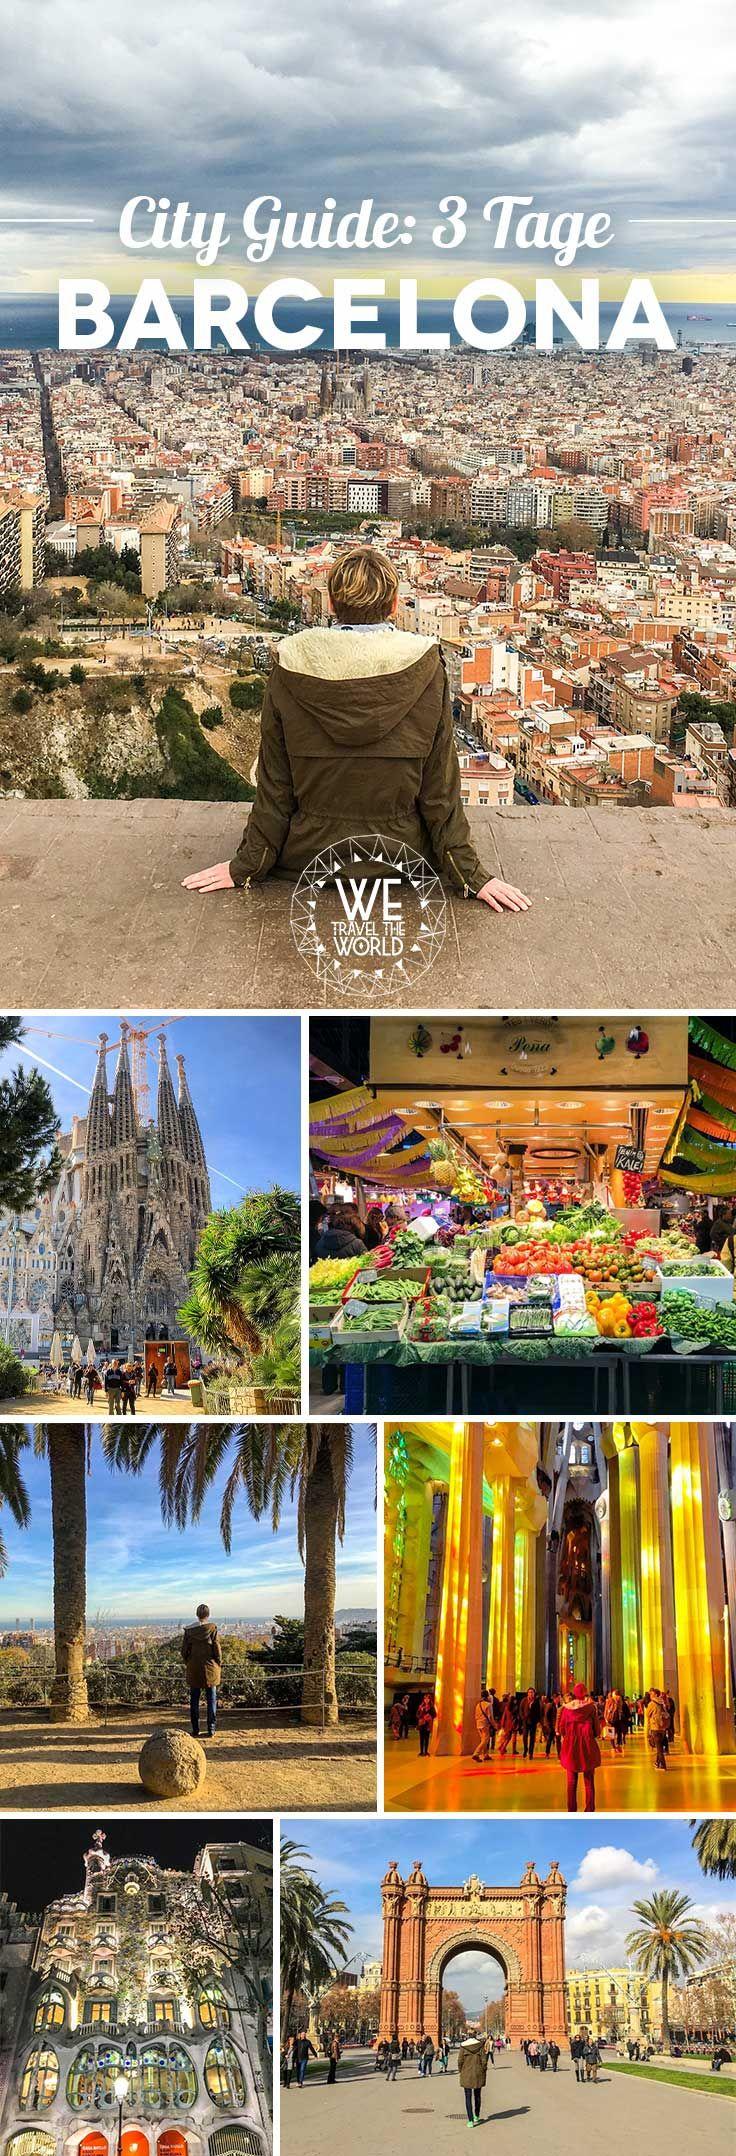 Barcelona in 3 Tagen u2013 City Guide